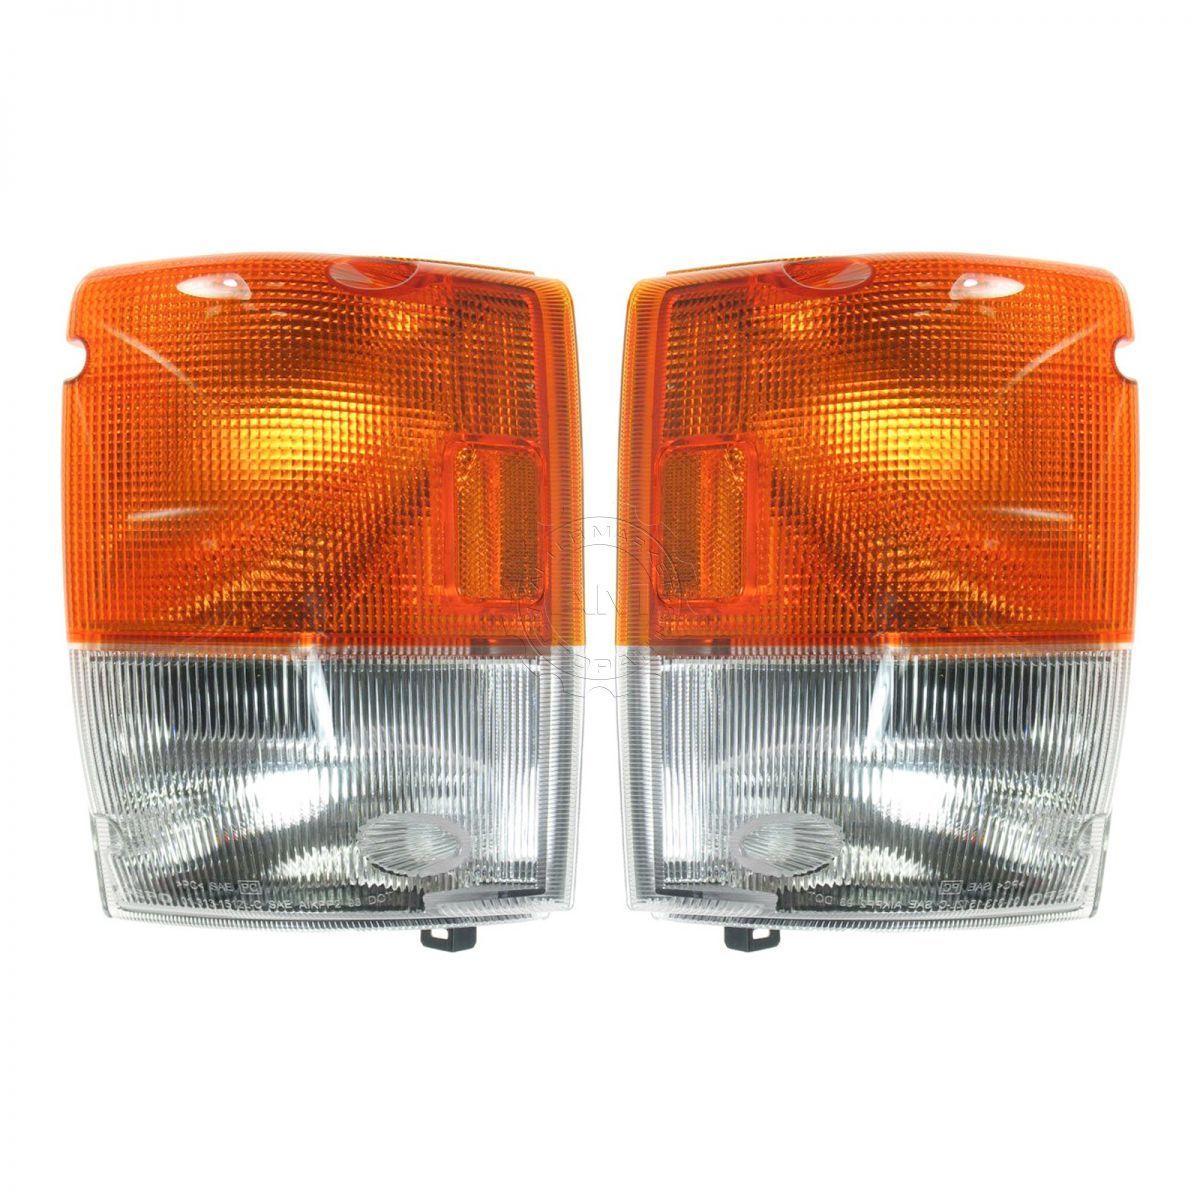 コーナーライト Side Corner Parking Light Left/Right Pair Set for GMC Isuzu GMCいすゞのサイドコーナーパーキングライト左/右ペア